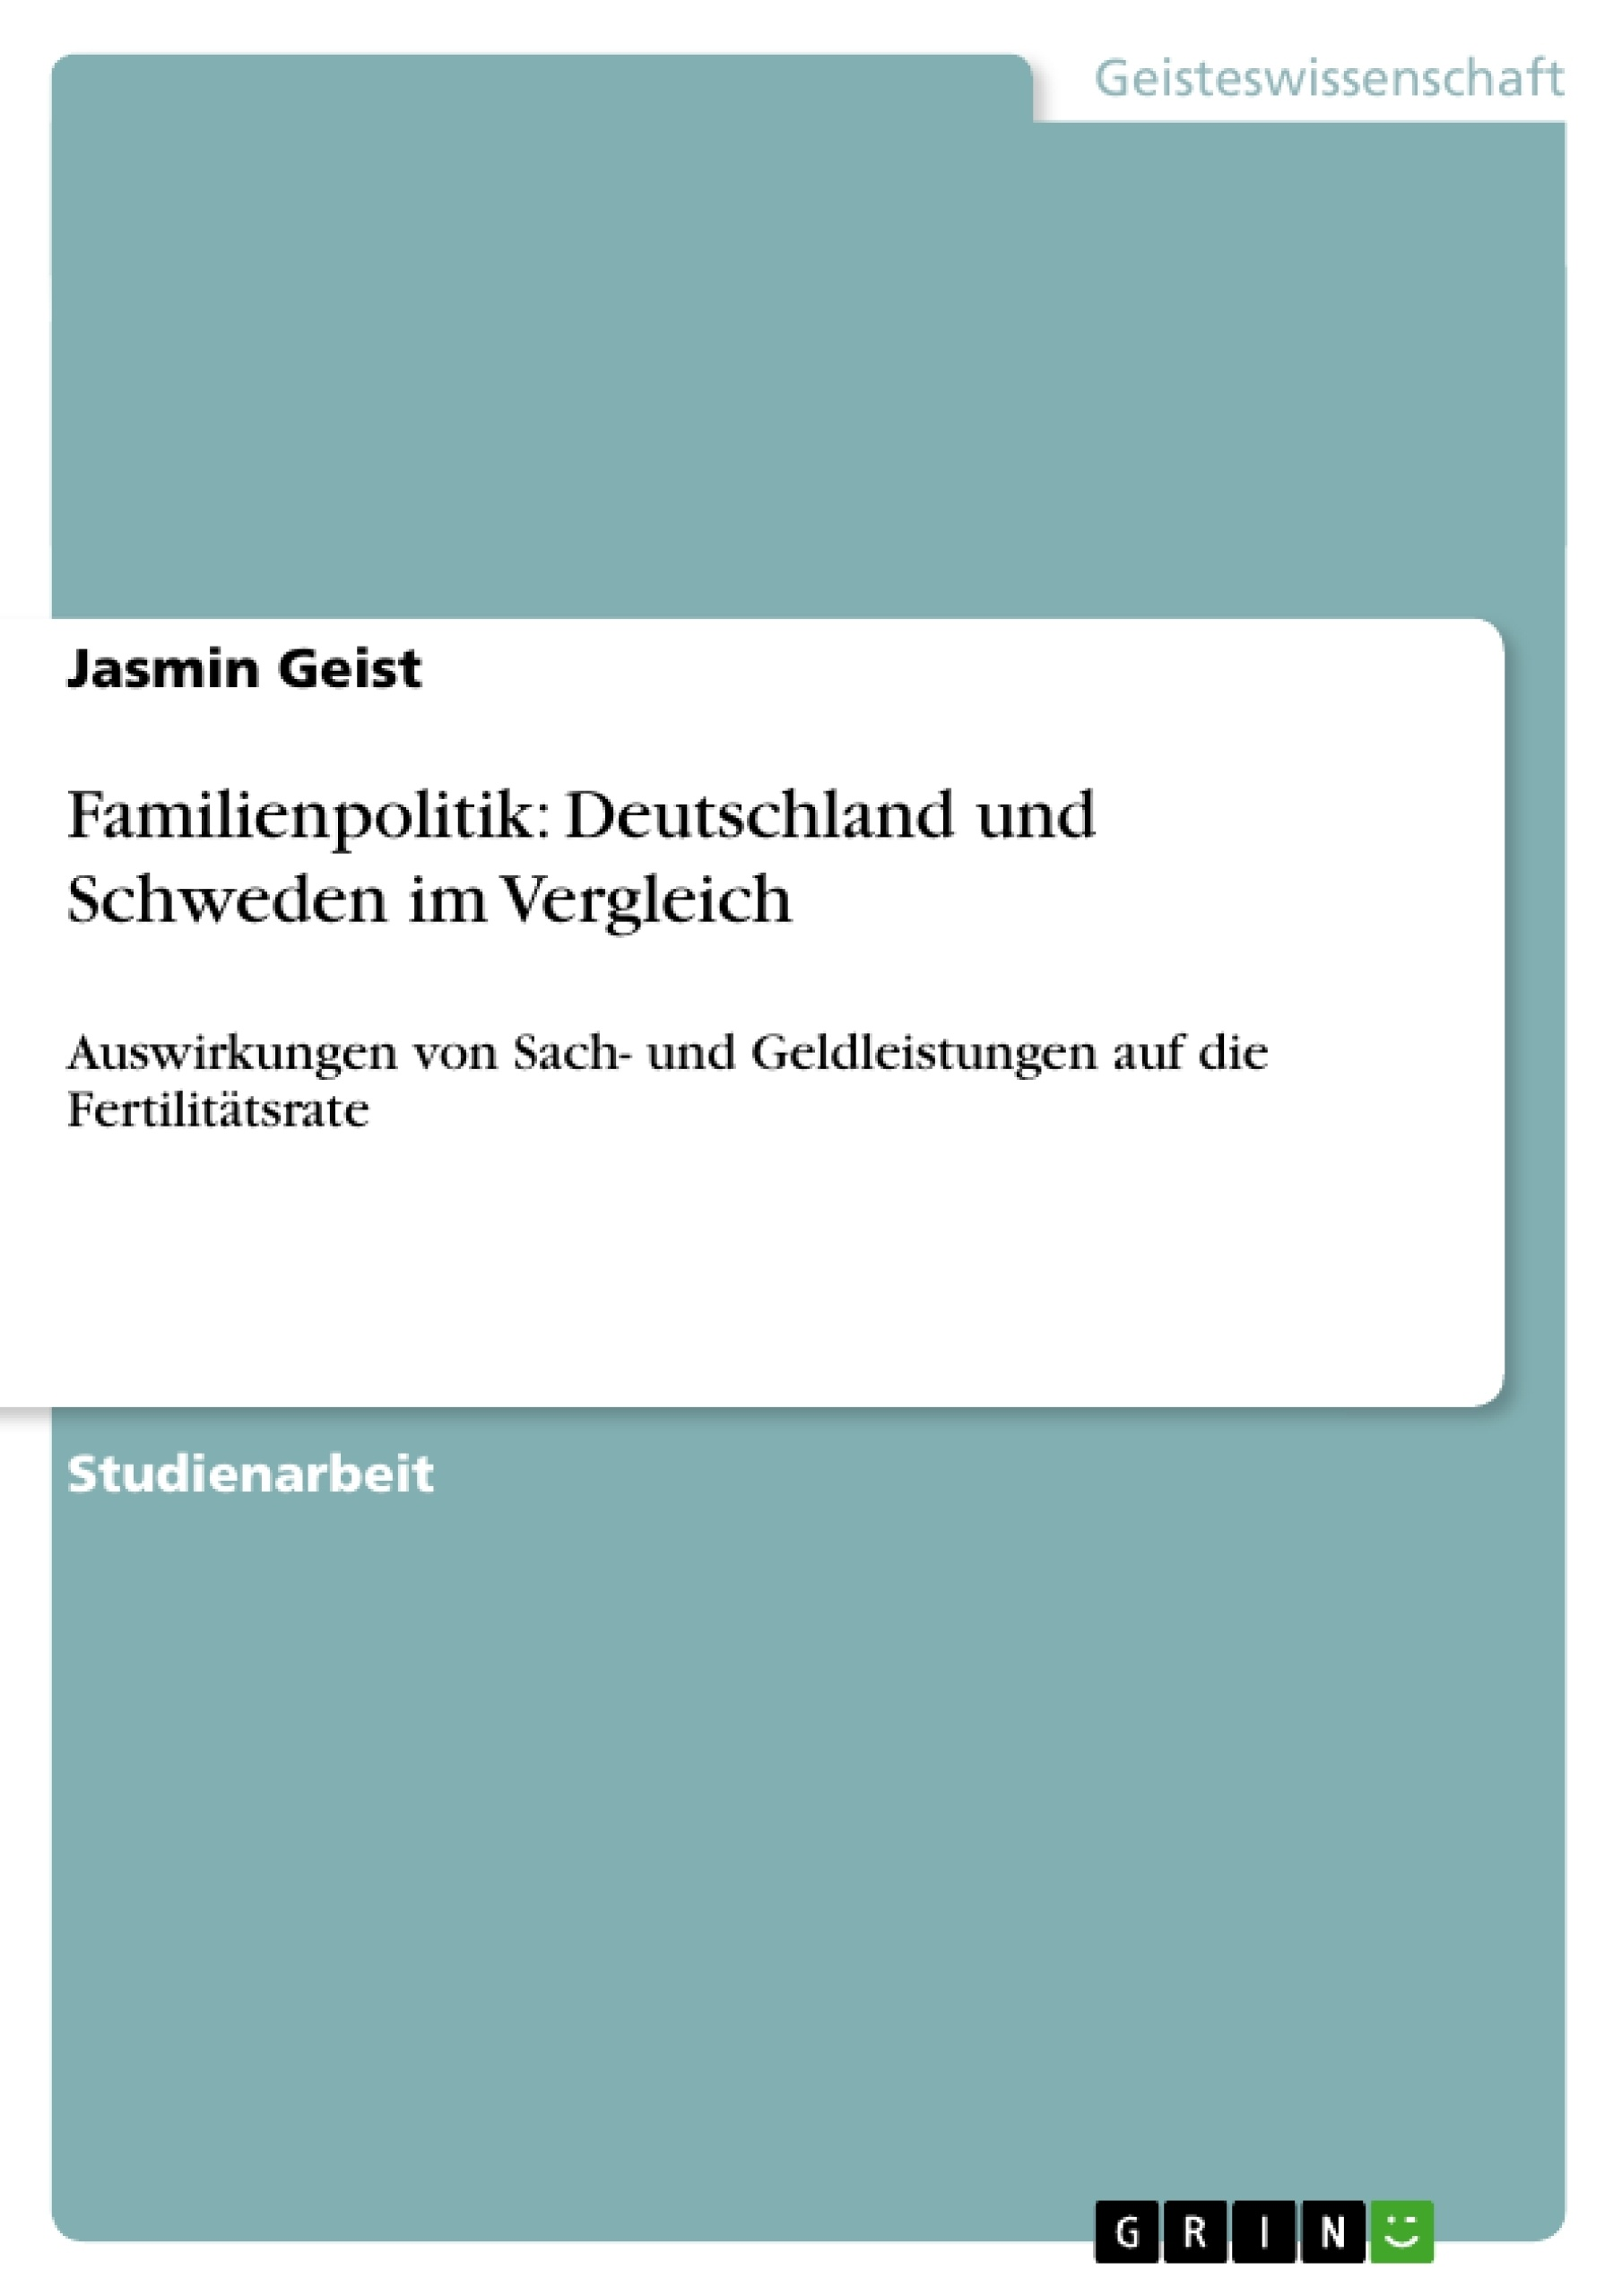 Titel: Familienpolitik: Deutschland und Schweden im Vergleich